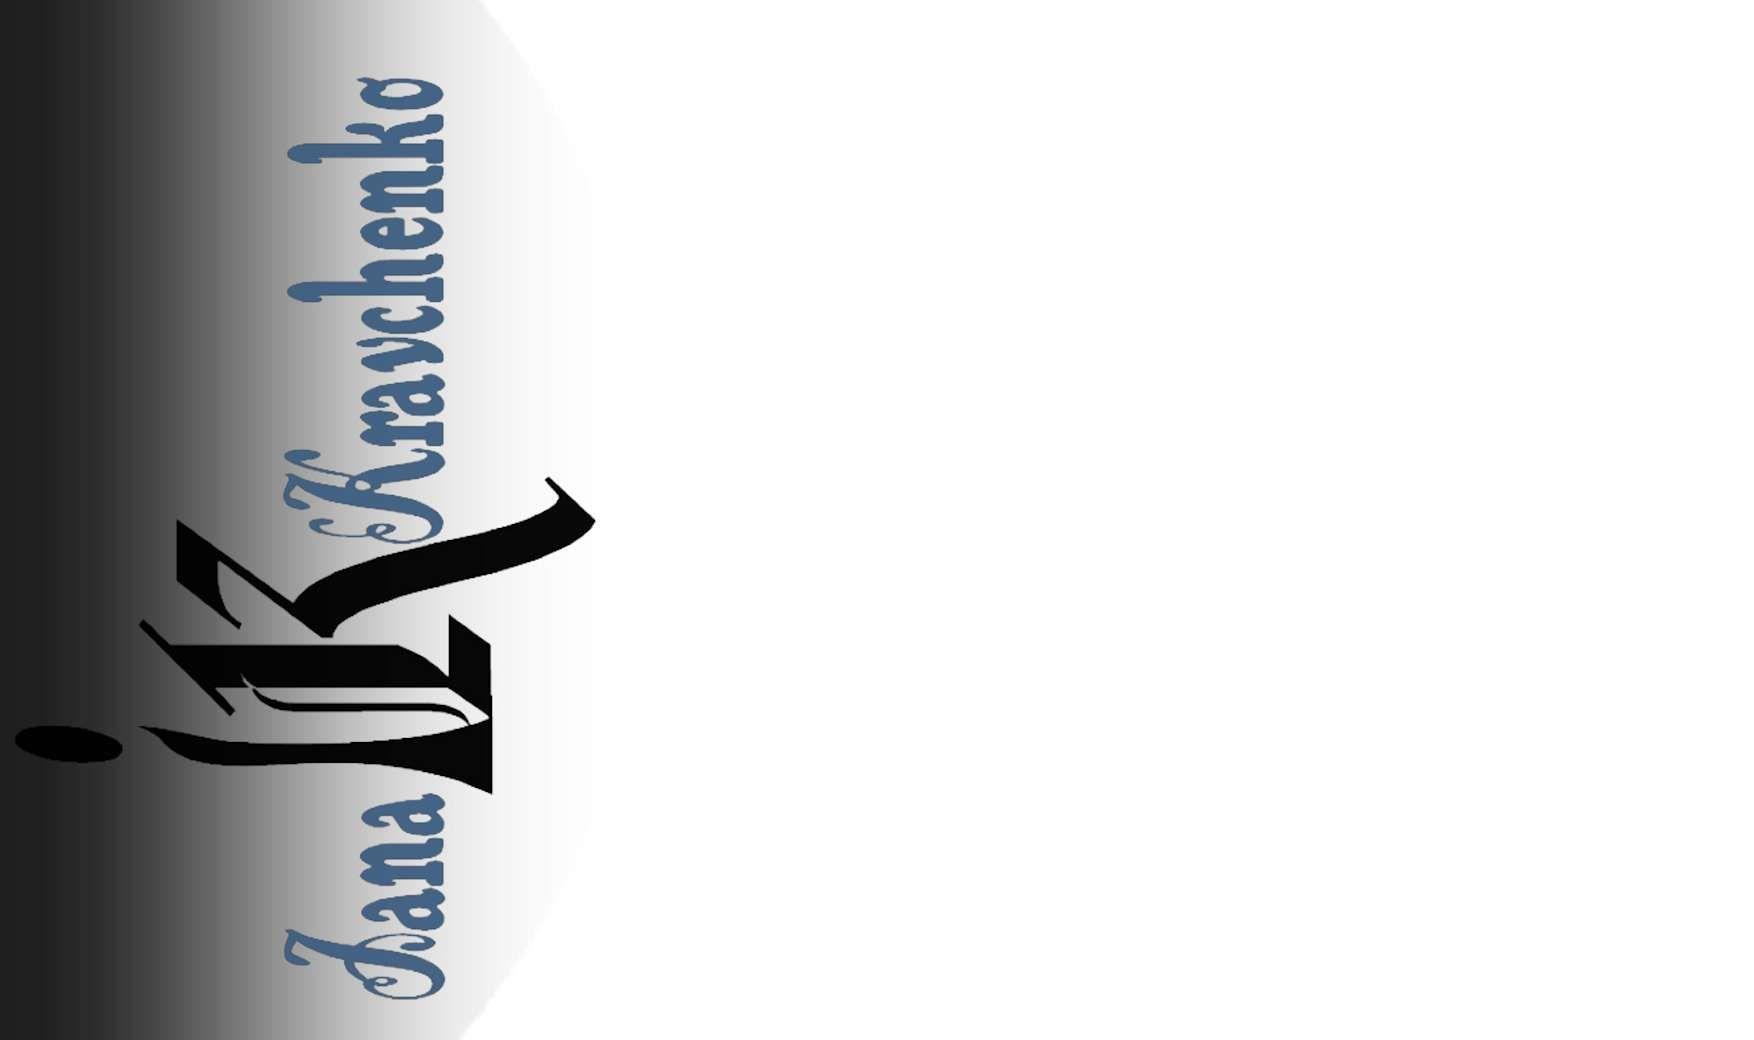 Логотипа и фир. стиля для дизайнера одежды - дизайнер Richi656